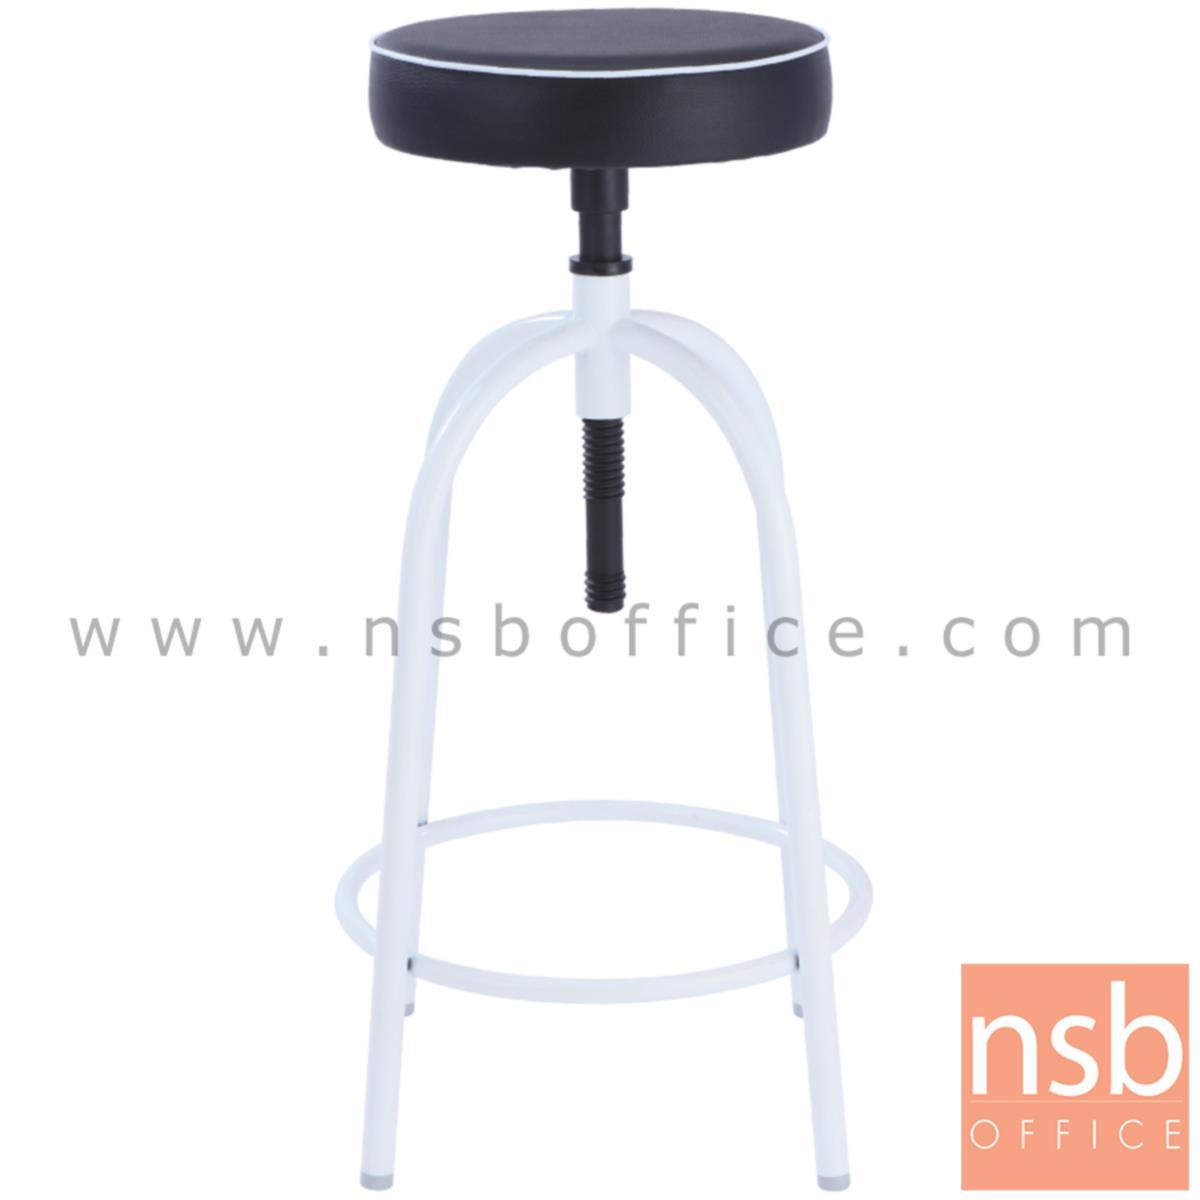 B09A048:เก้าอี้บาร์สตูลที่นั่งกลม รุ่น Ivory (ไอวอรี่)  ขาสีบรอนซ์เงิน